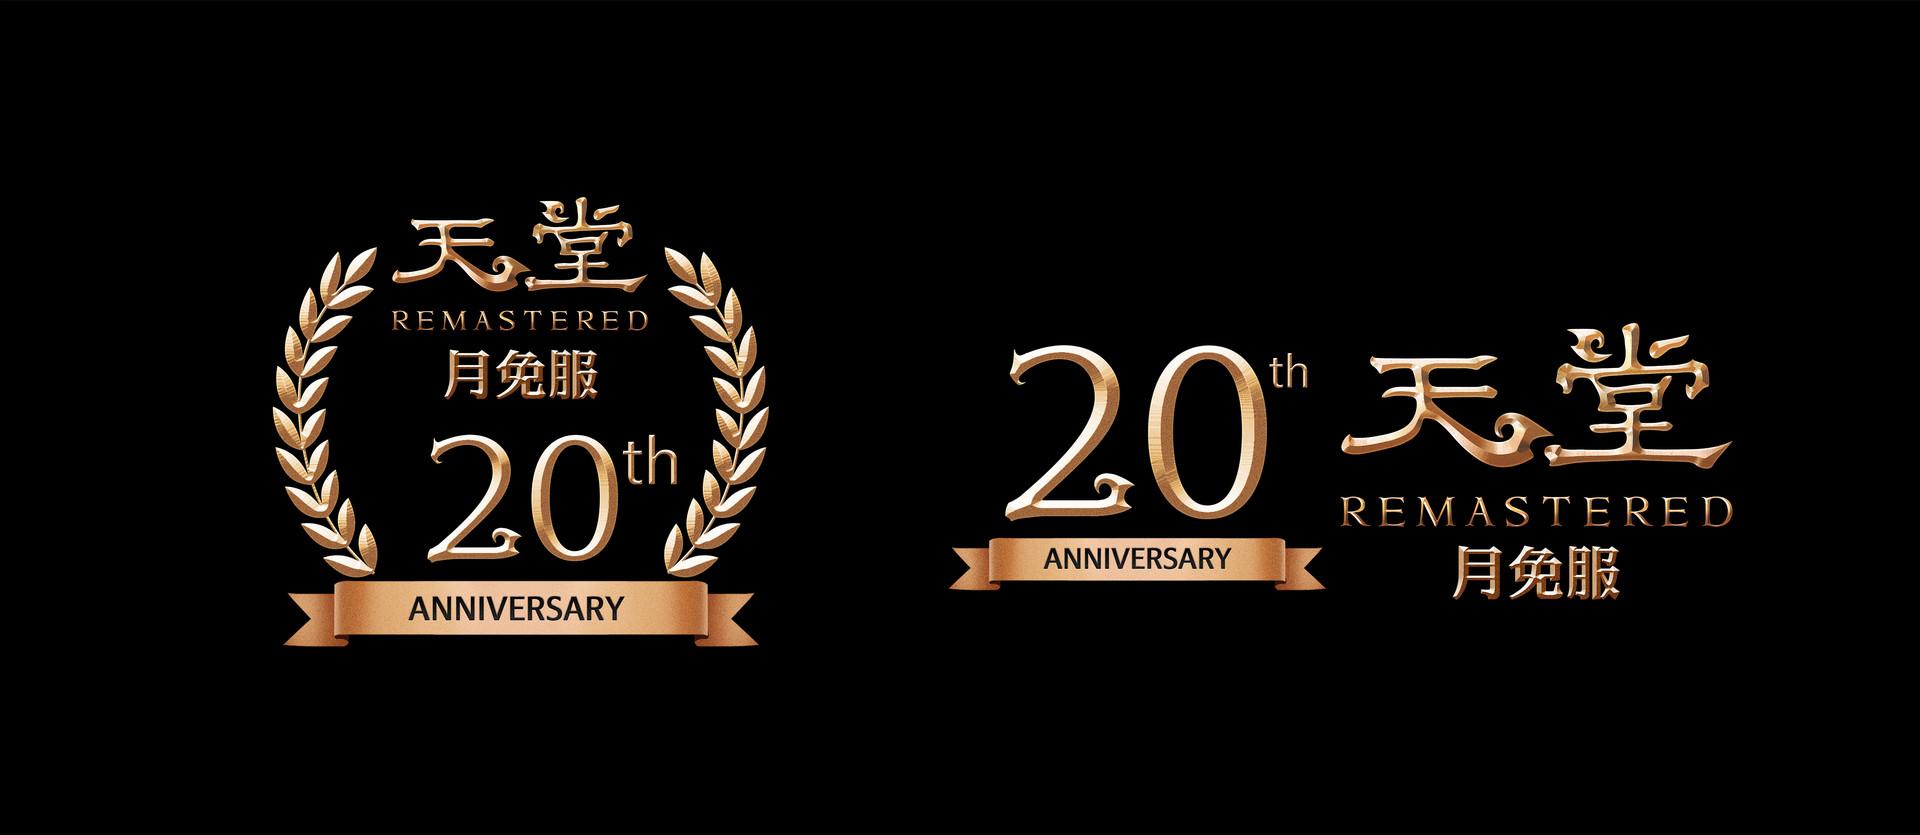 LOGO_天堂_20周年.jpg